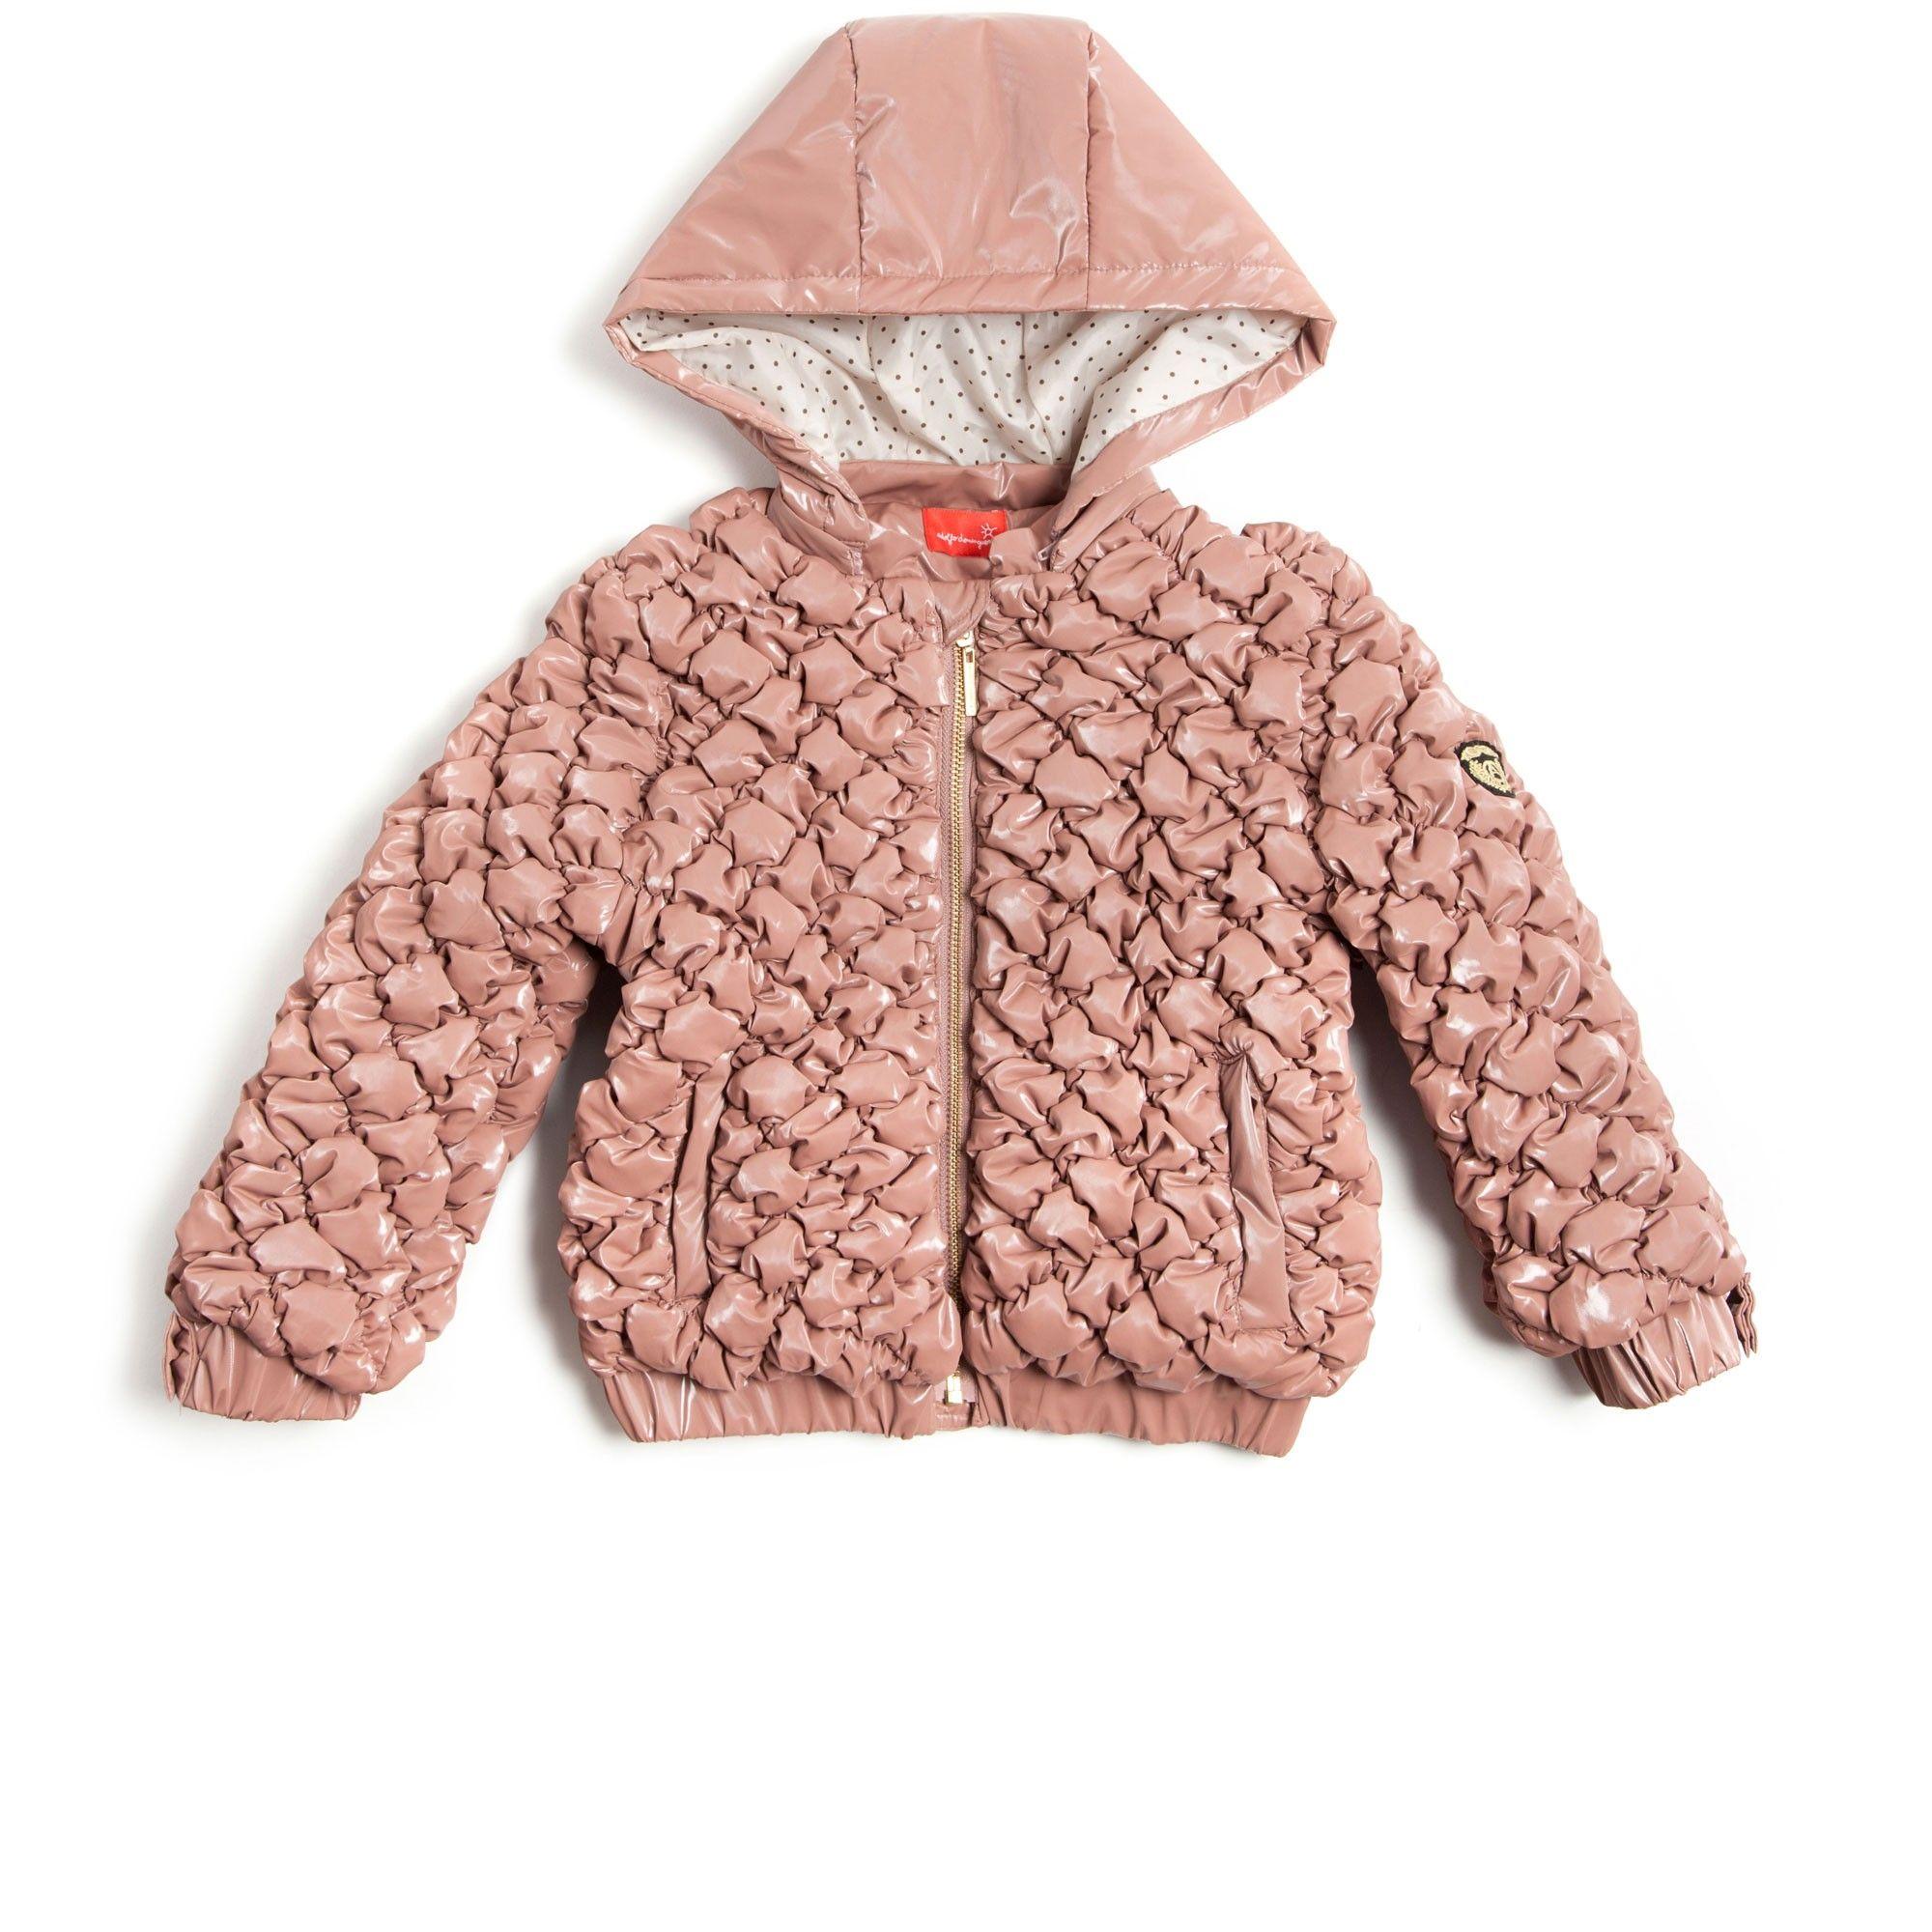 Cazadora acharolada abrigos adolfo dominguez shop for Abrigos adolfo dominguez outlet